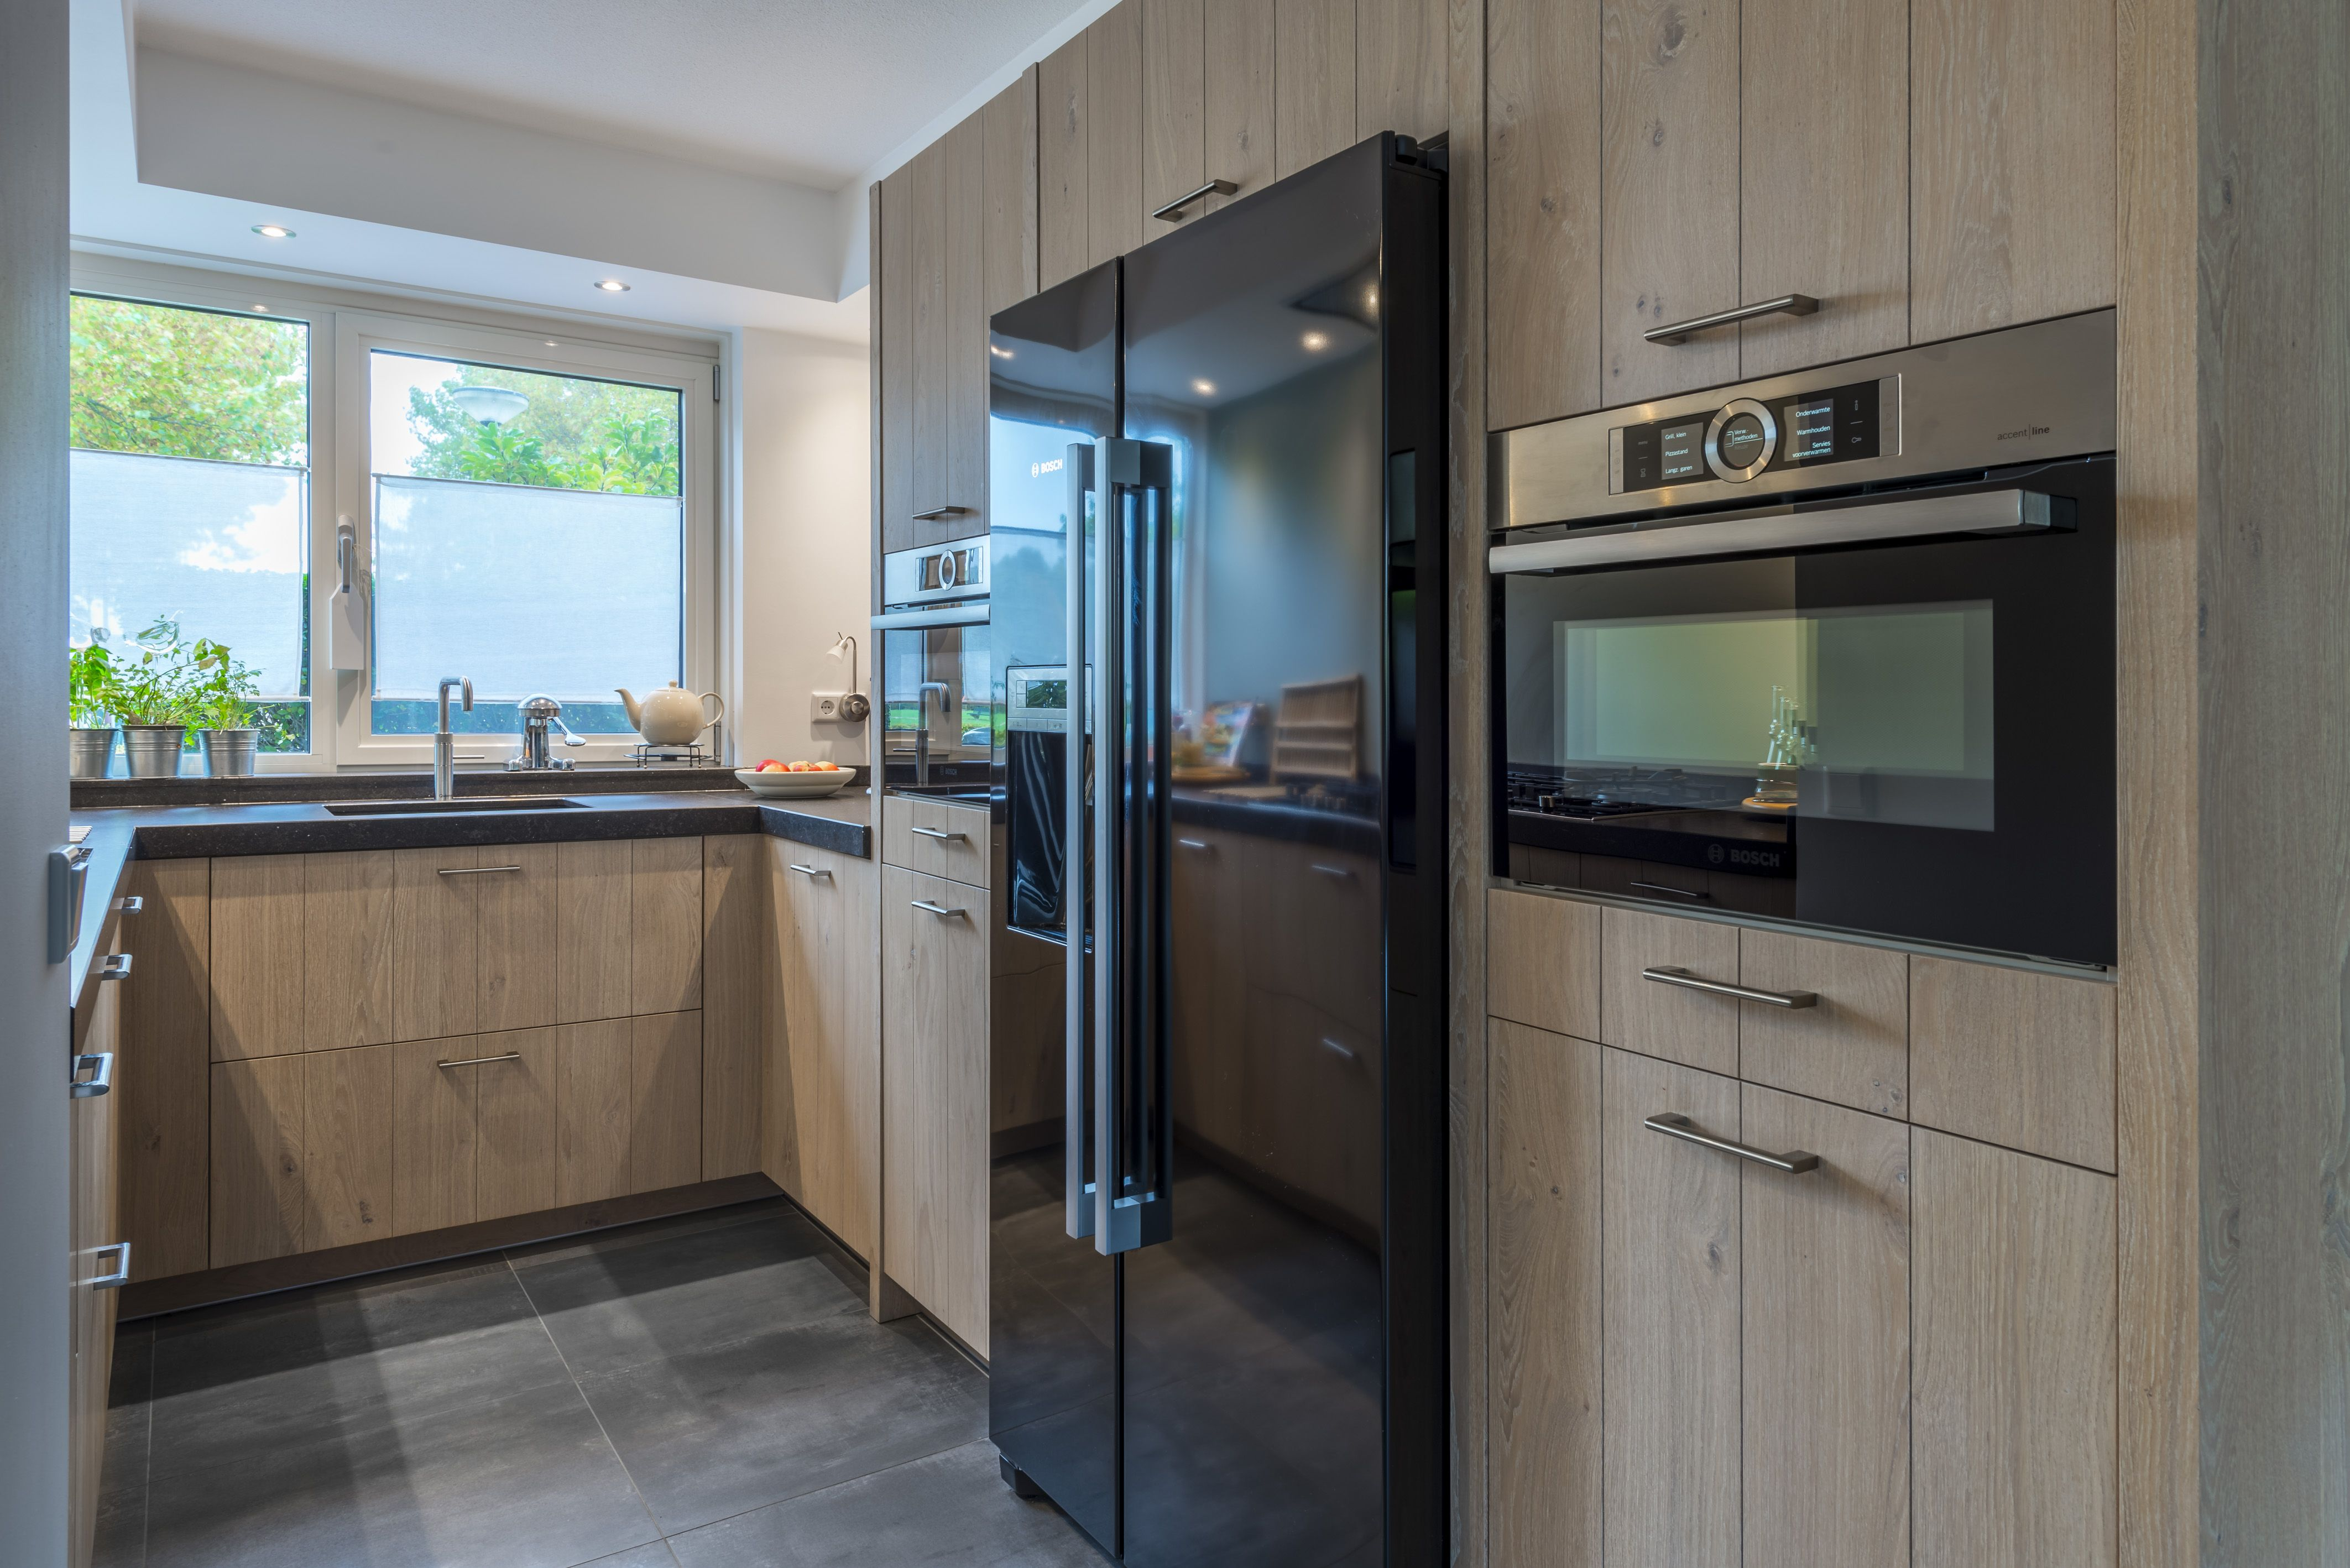 Houten Keuken Ideas : Houten keuken met stoere uitstraling voor meer keukeninspiratie